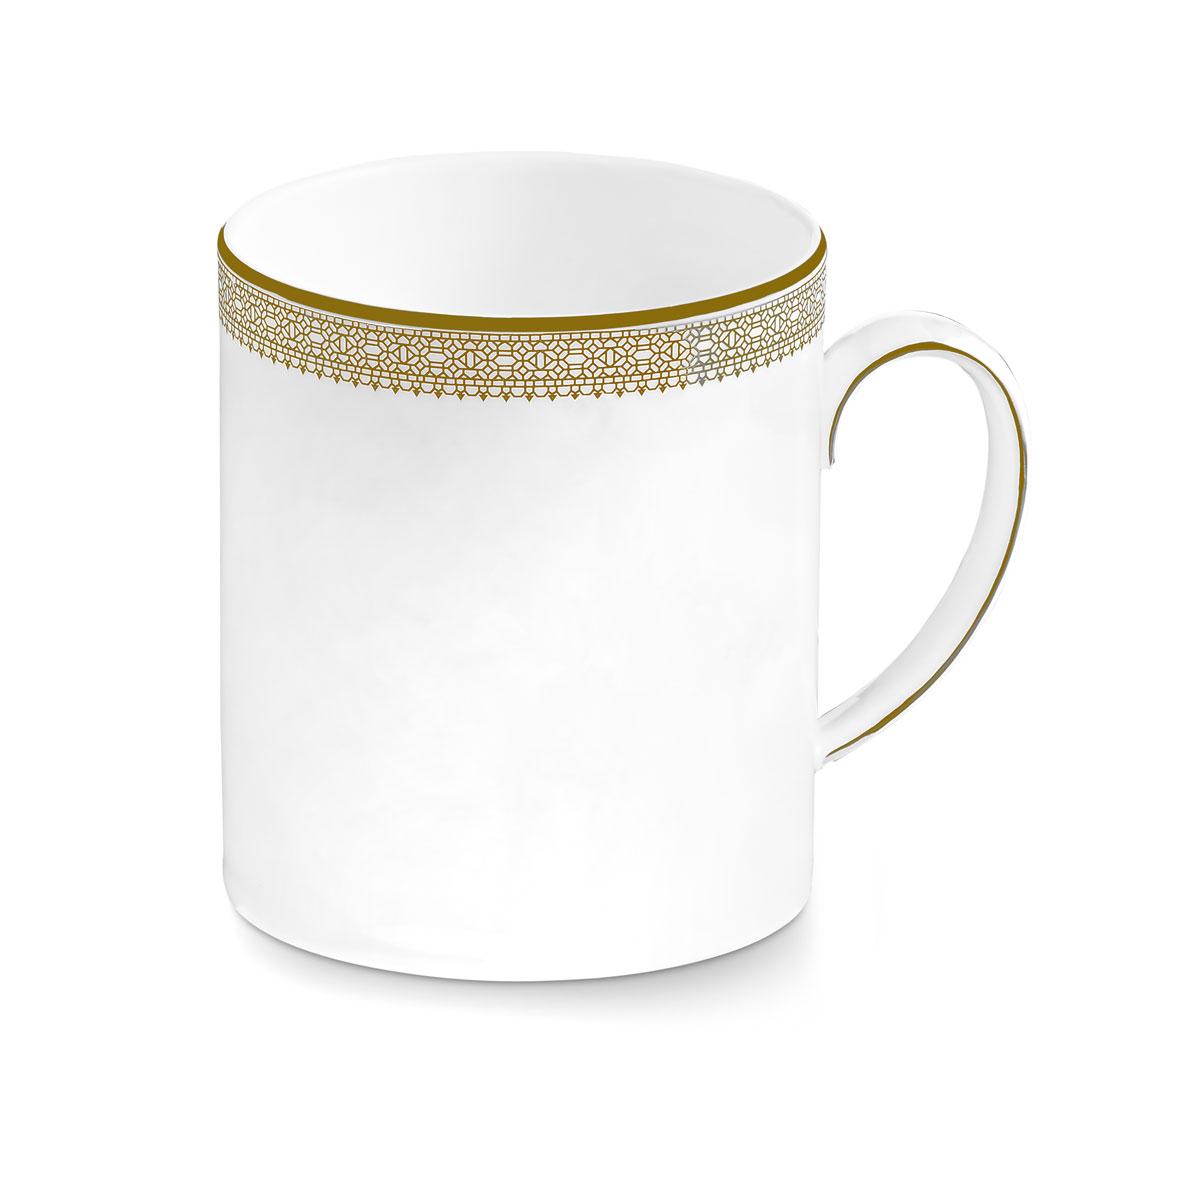 Vera Wang Wedgwood Vera Lace Gold Mug 15oz.